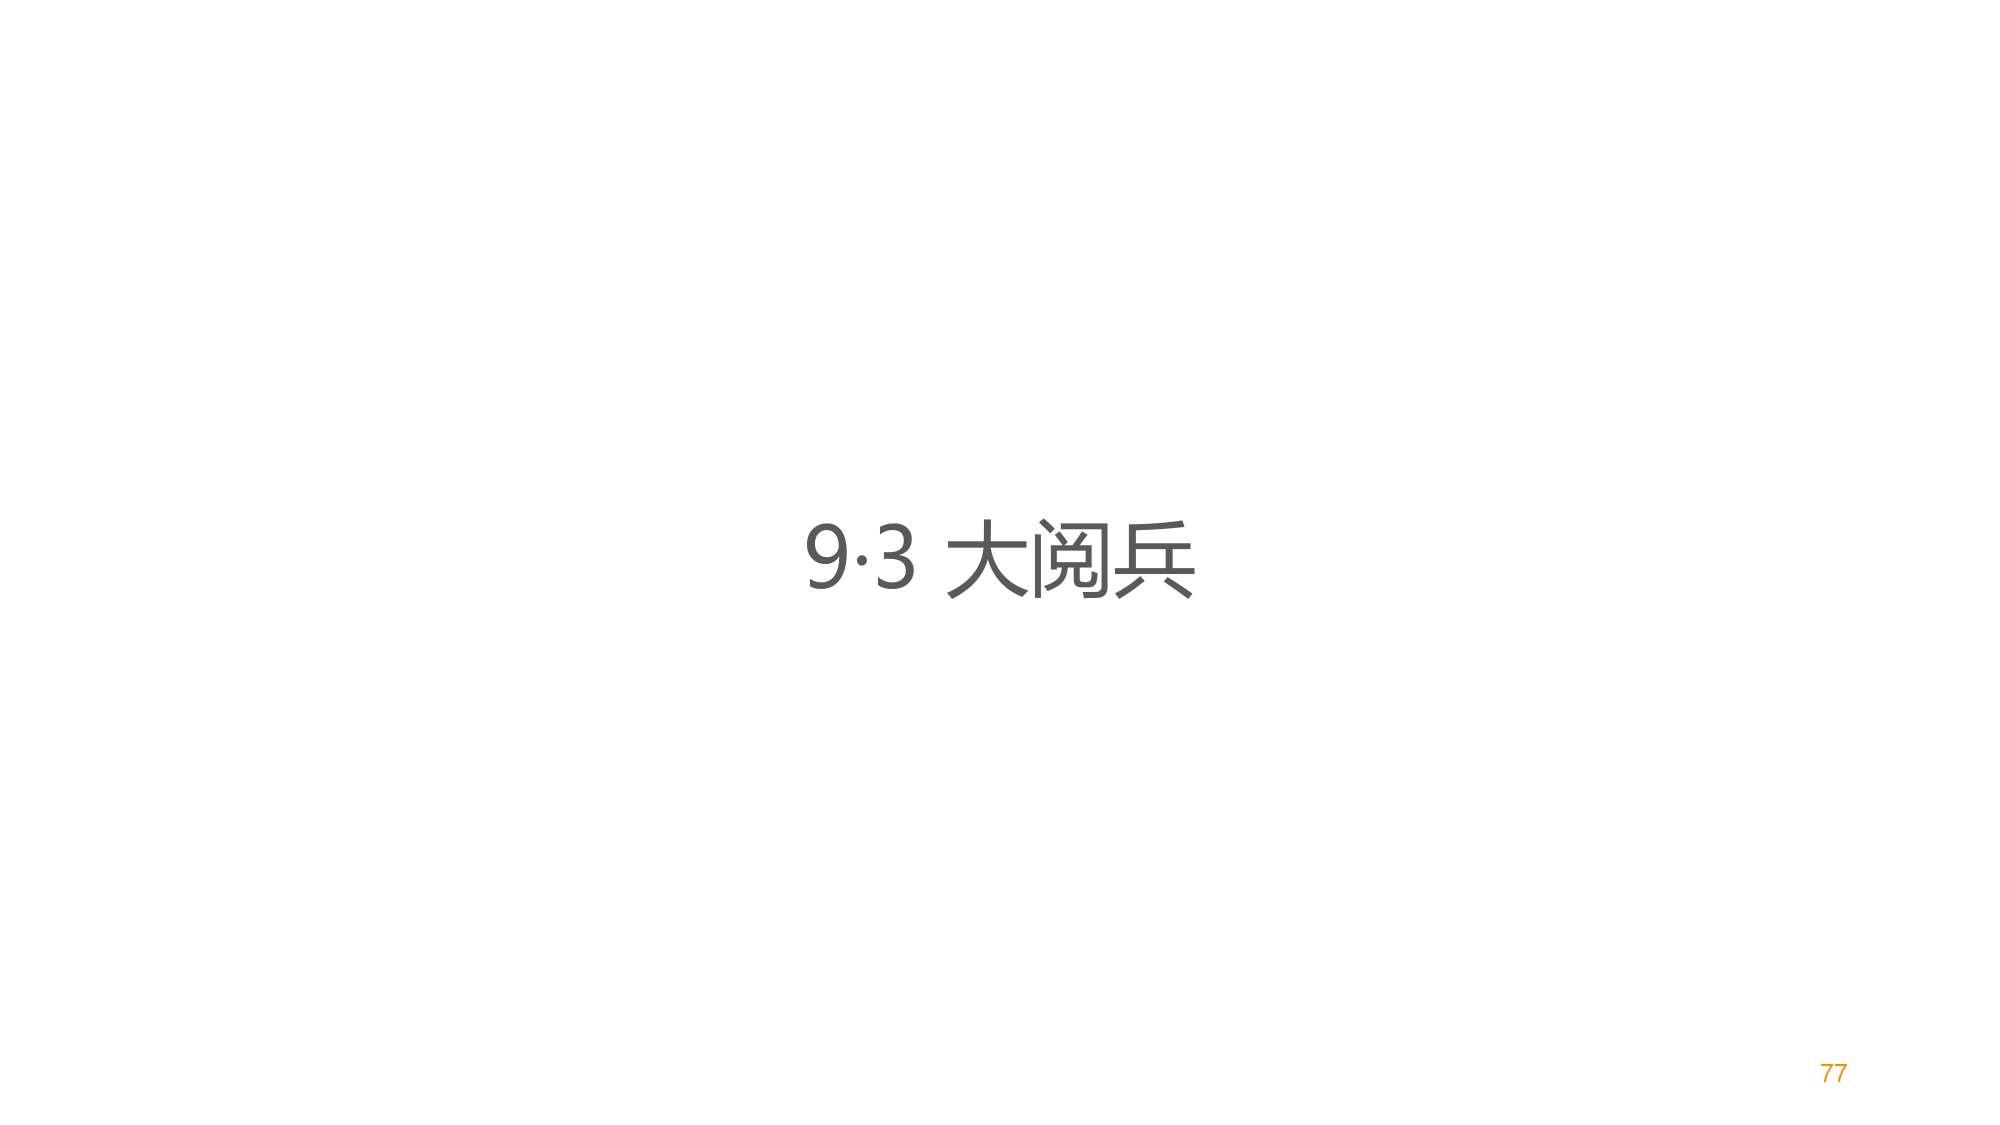 中国智能出行2015大数据报告_000077